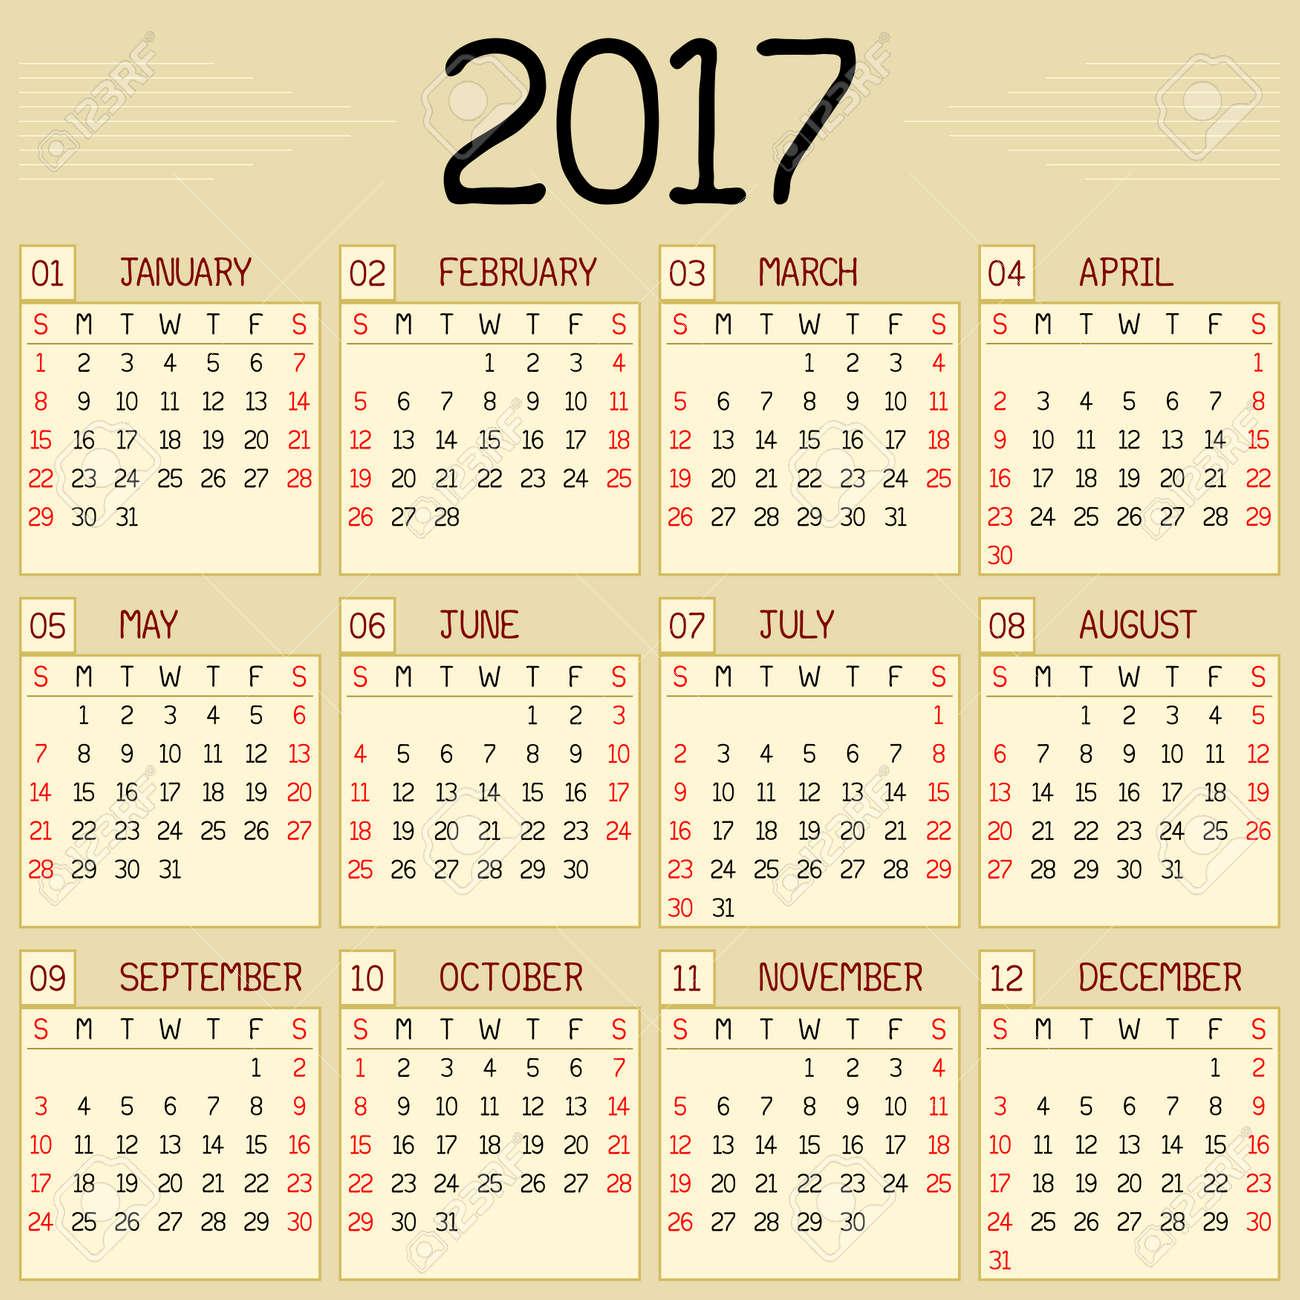 Année 2017 Calendrier Un Calendrier Mensuel Pour Lannée 2017 Un Style Manuscrit Personnalisé Est Utilisé